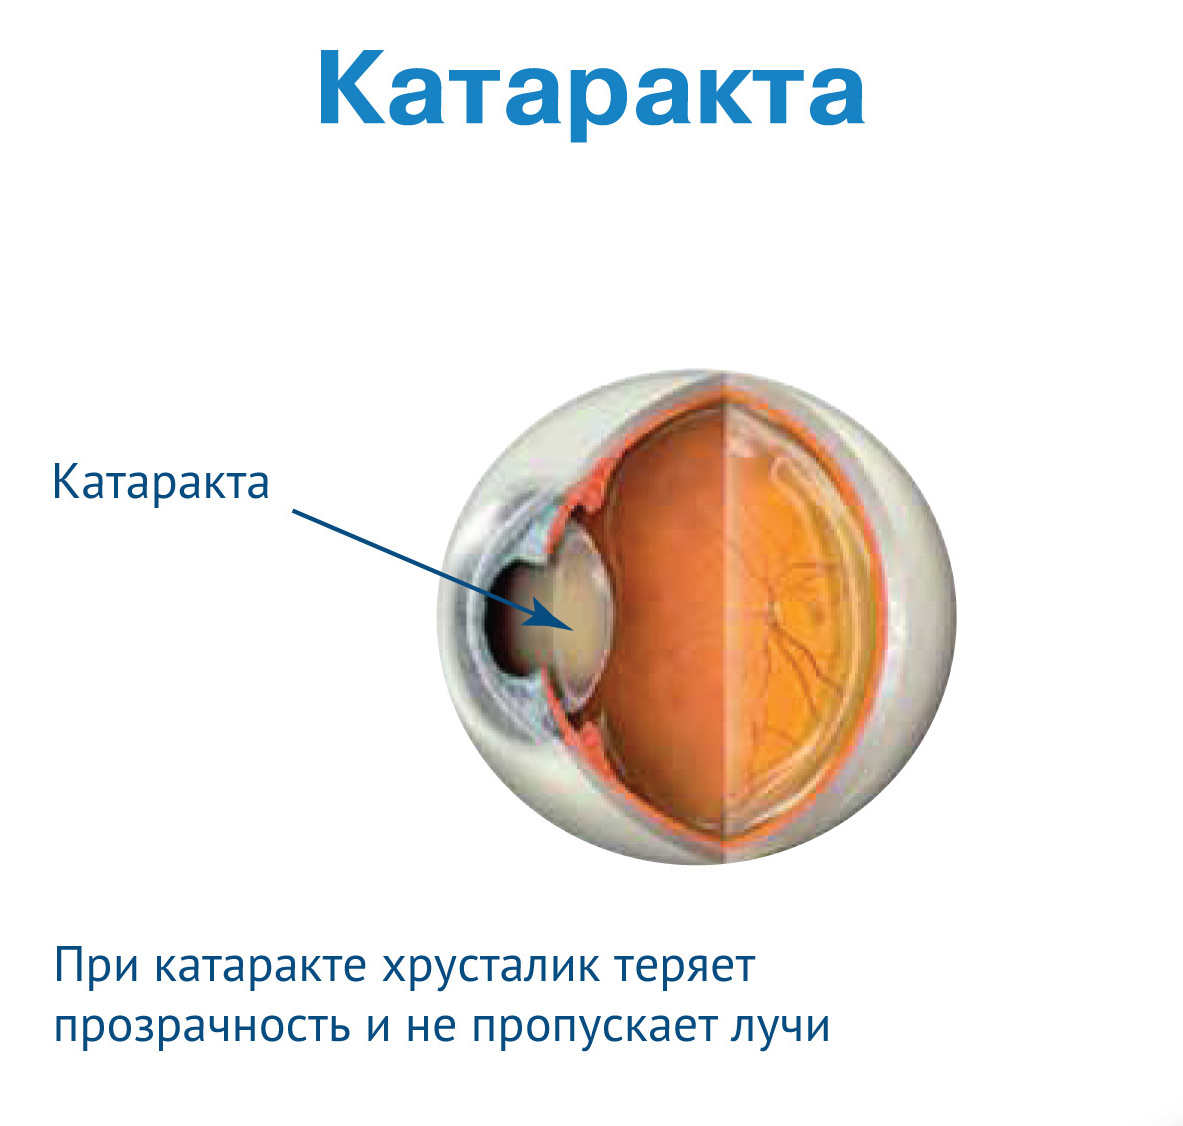 При катаракте хрусталик теряет прозрачность